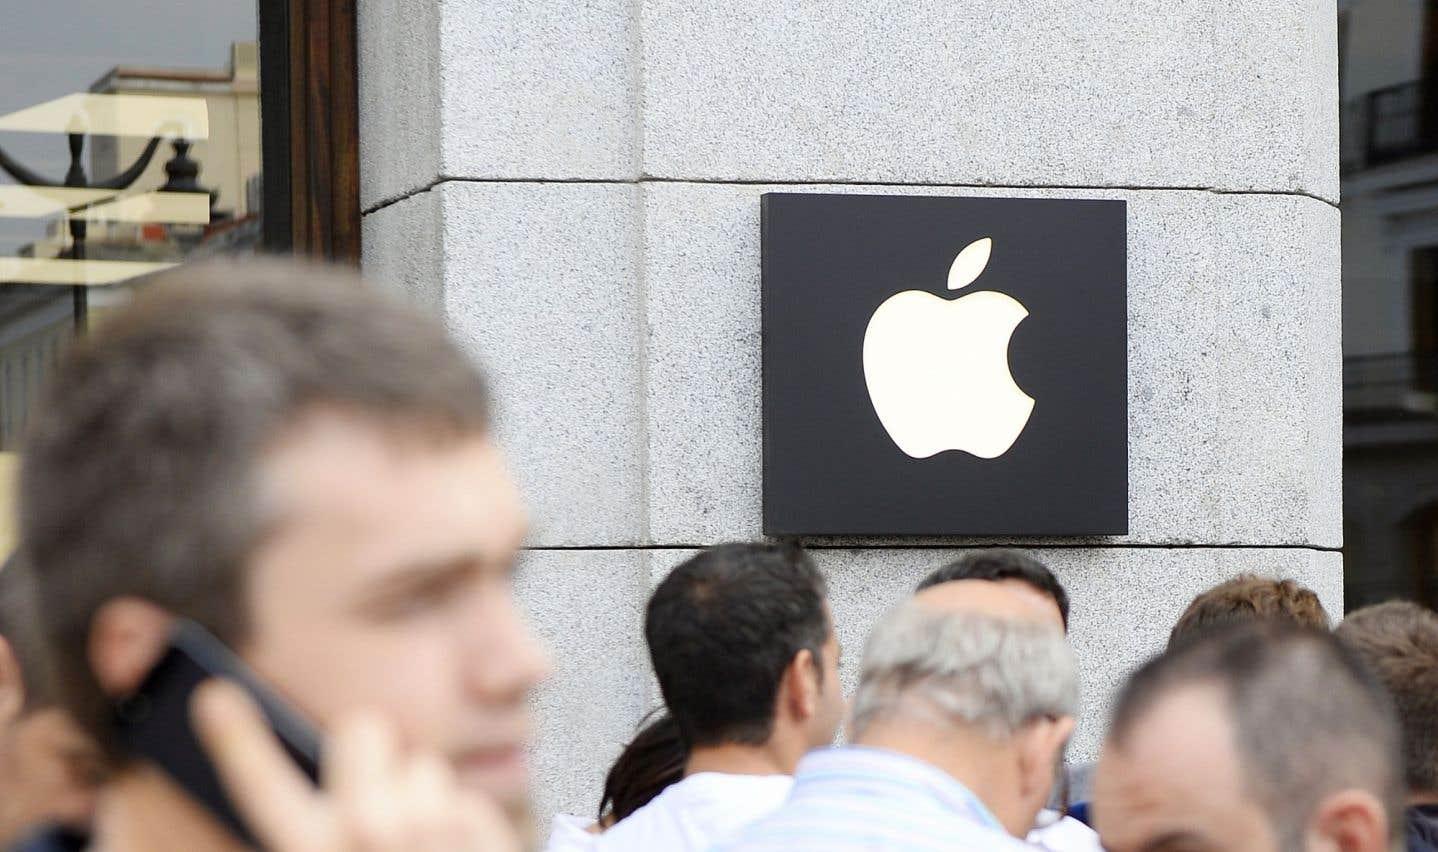 La Commission européenne détaille ses soupçons sur l'aide offerte à Apple